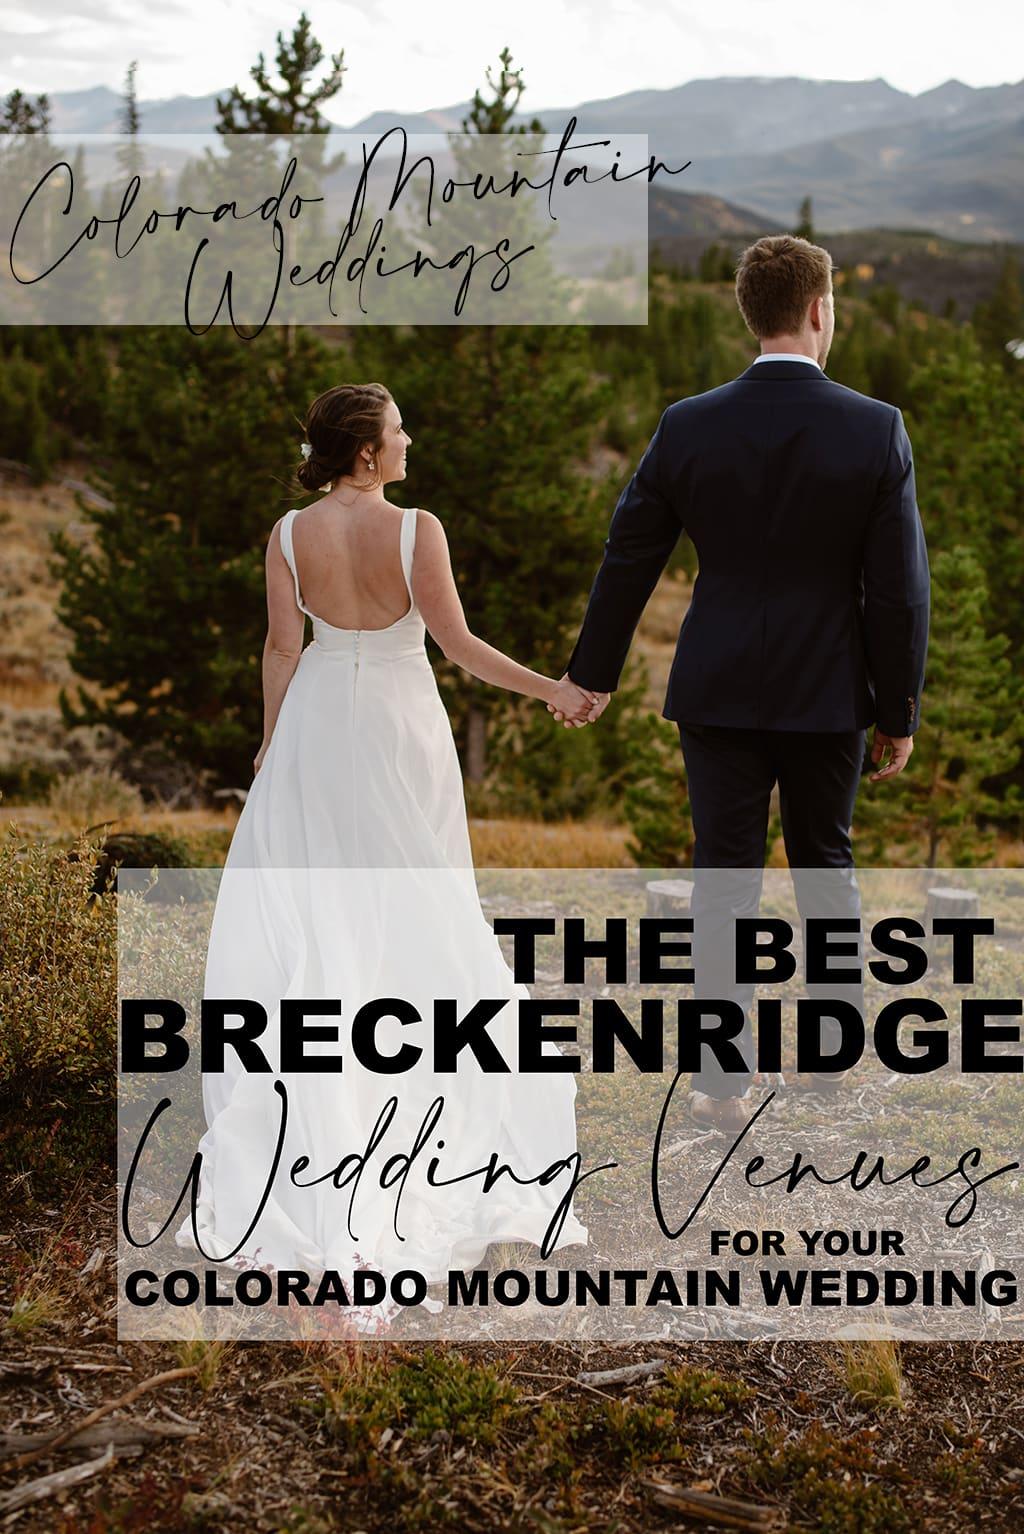 Breckenridge Wedding Venues